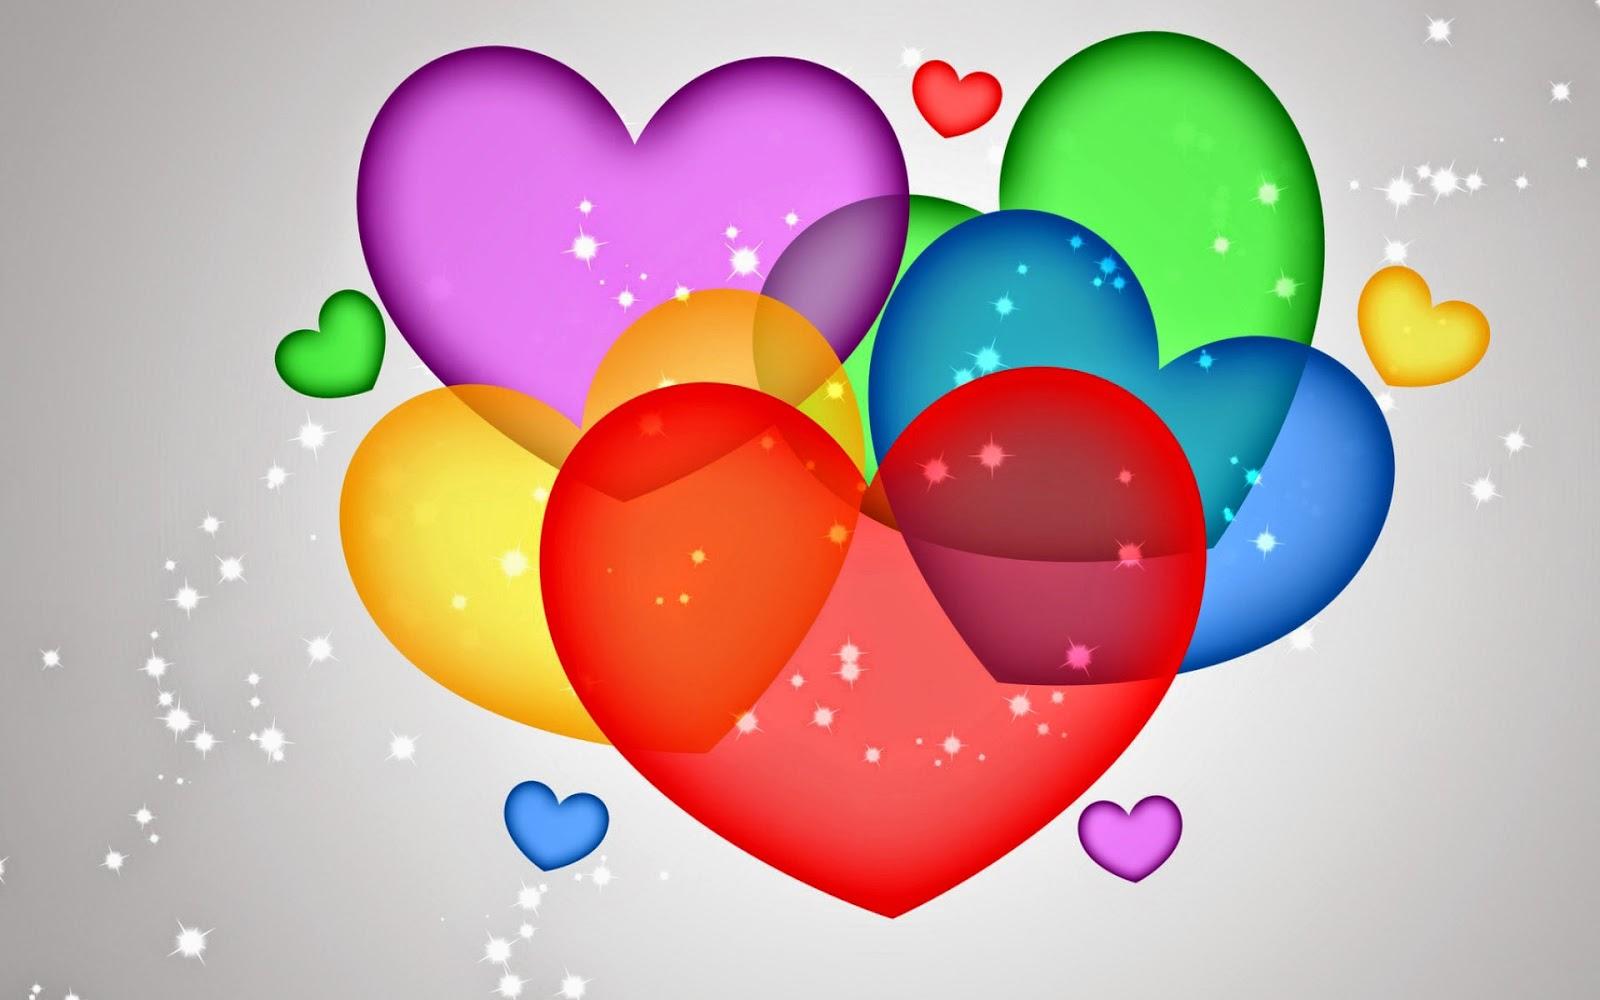 Liefde wallpaper met gekleurde hartjes